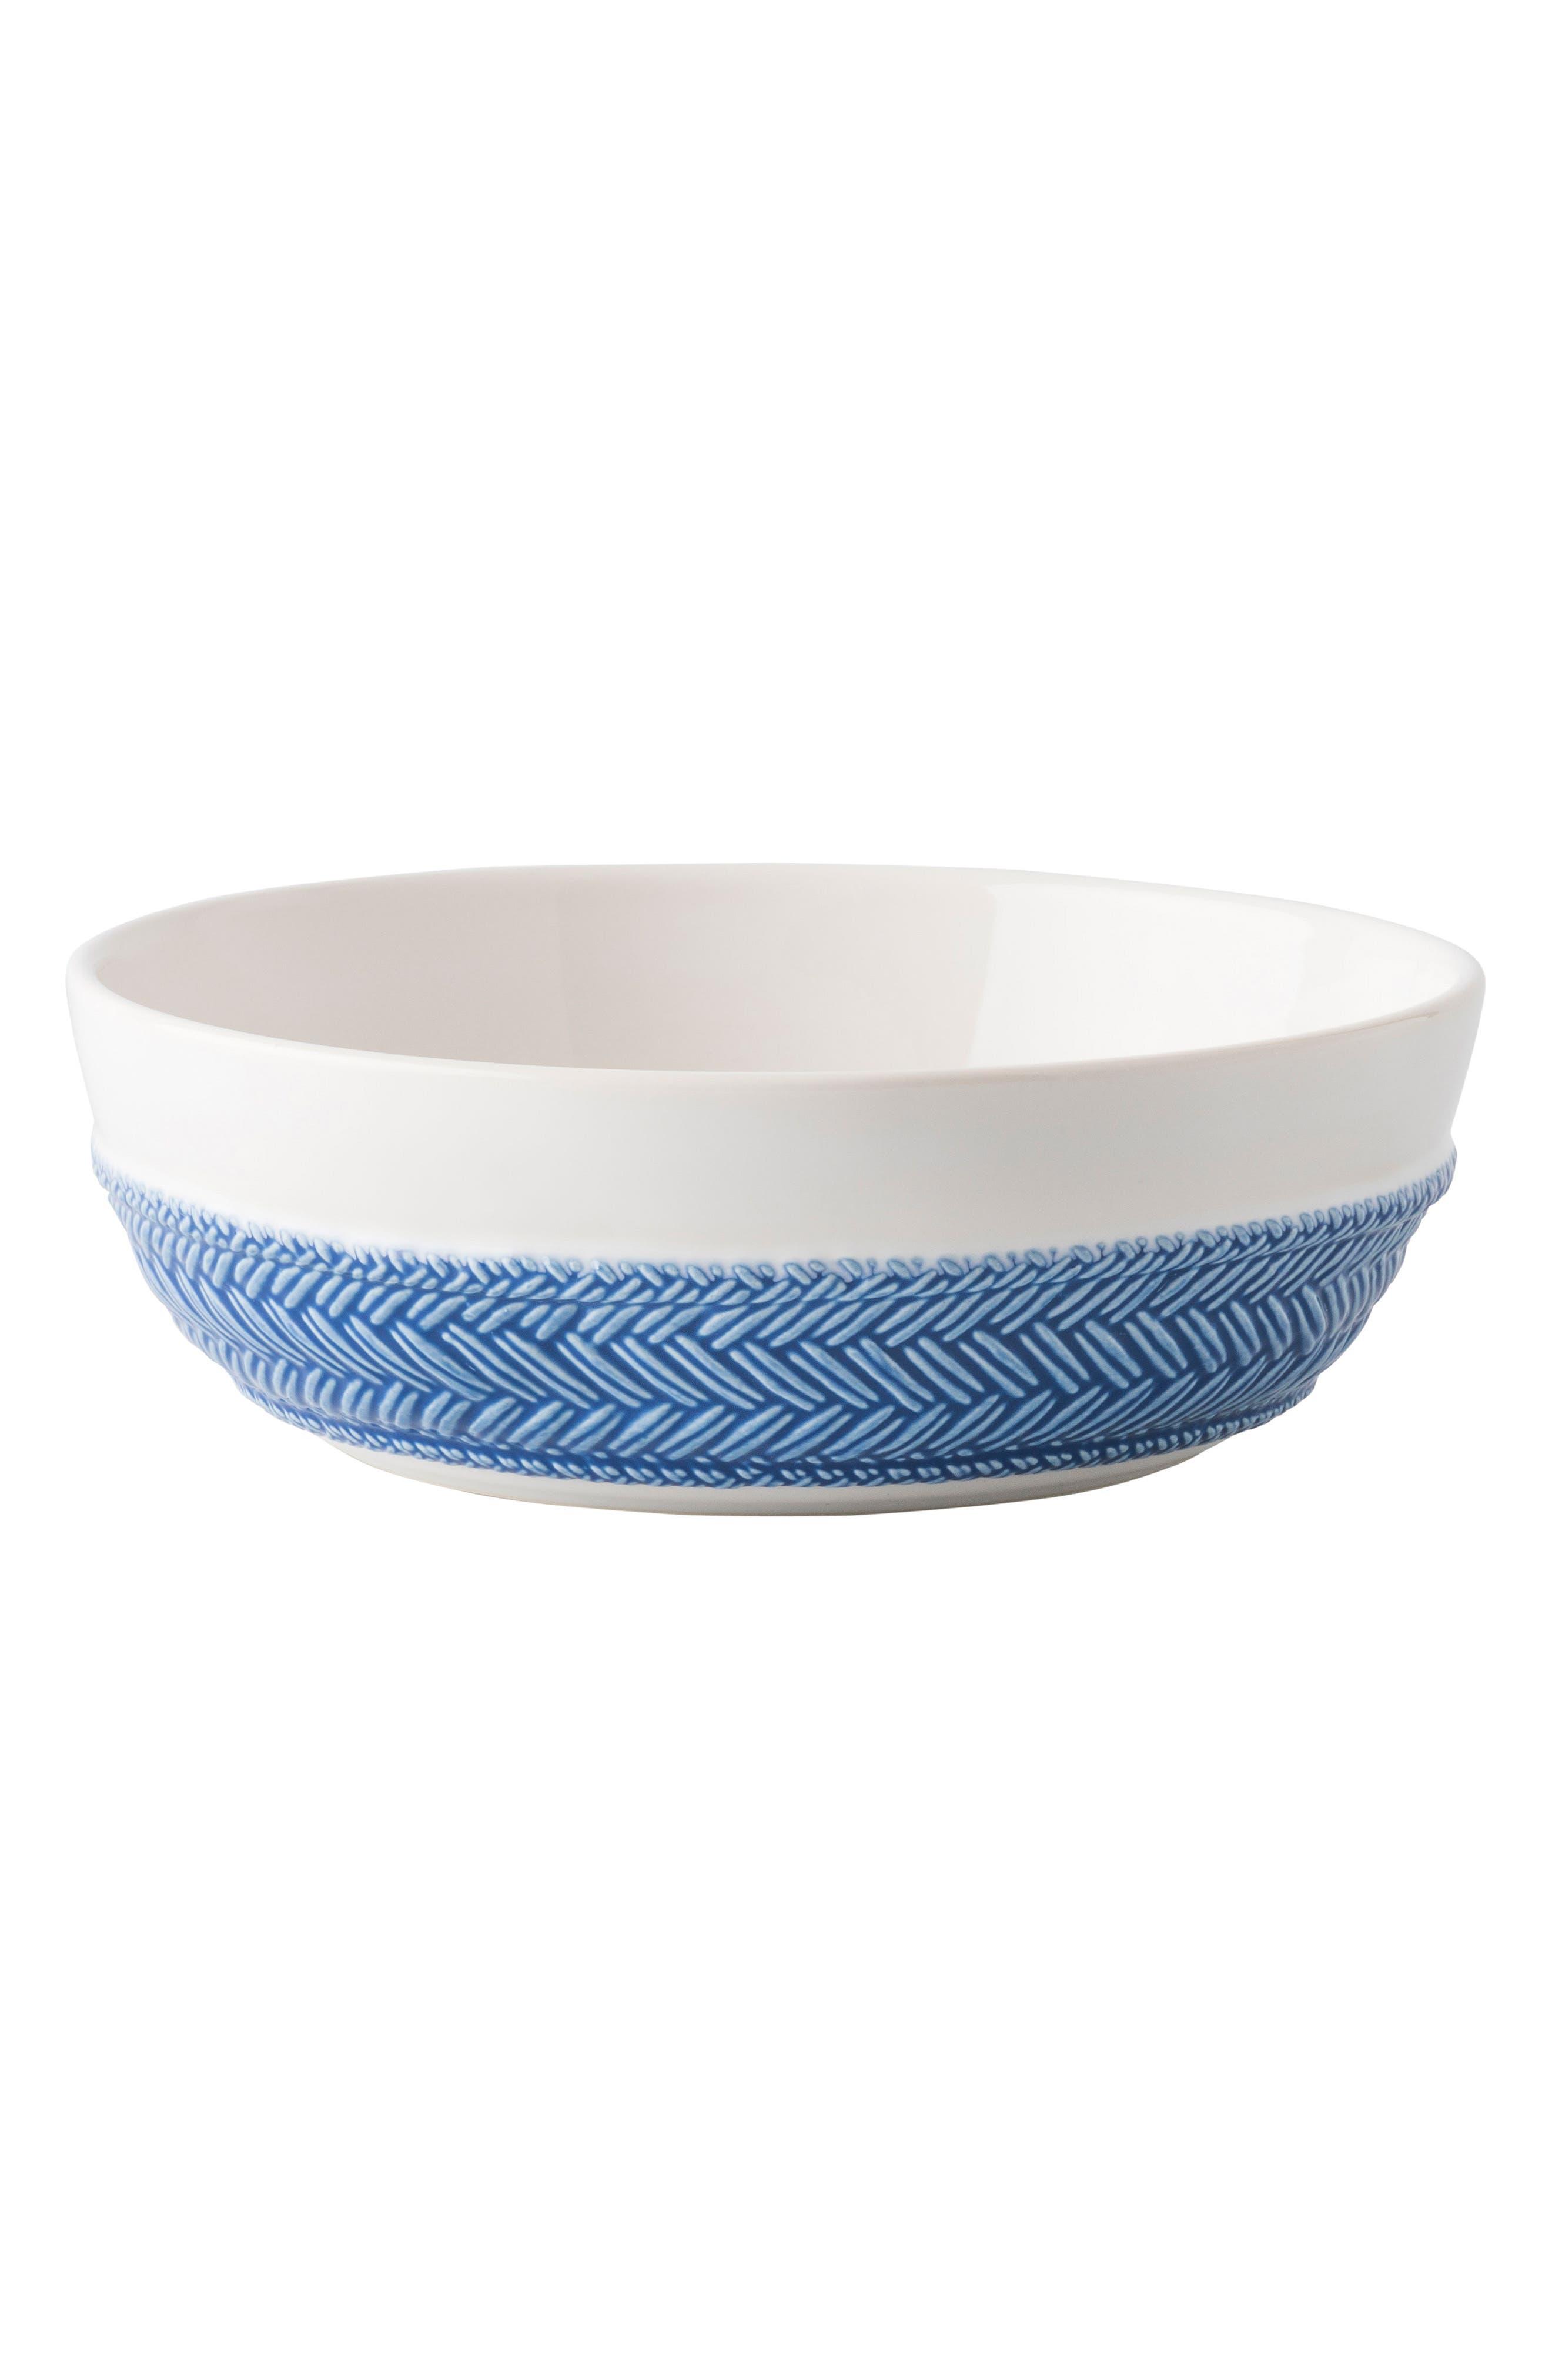 Le Panier Coupe Bowl,                             Main thumbnail 1, color,                             WHITEWASH/ DELFT BLUE